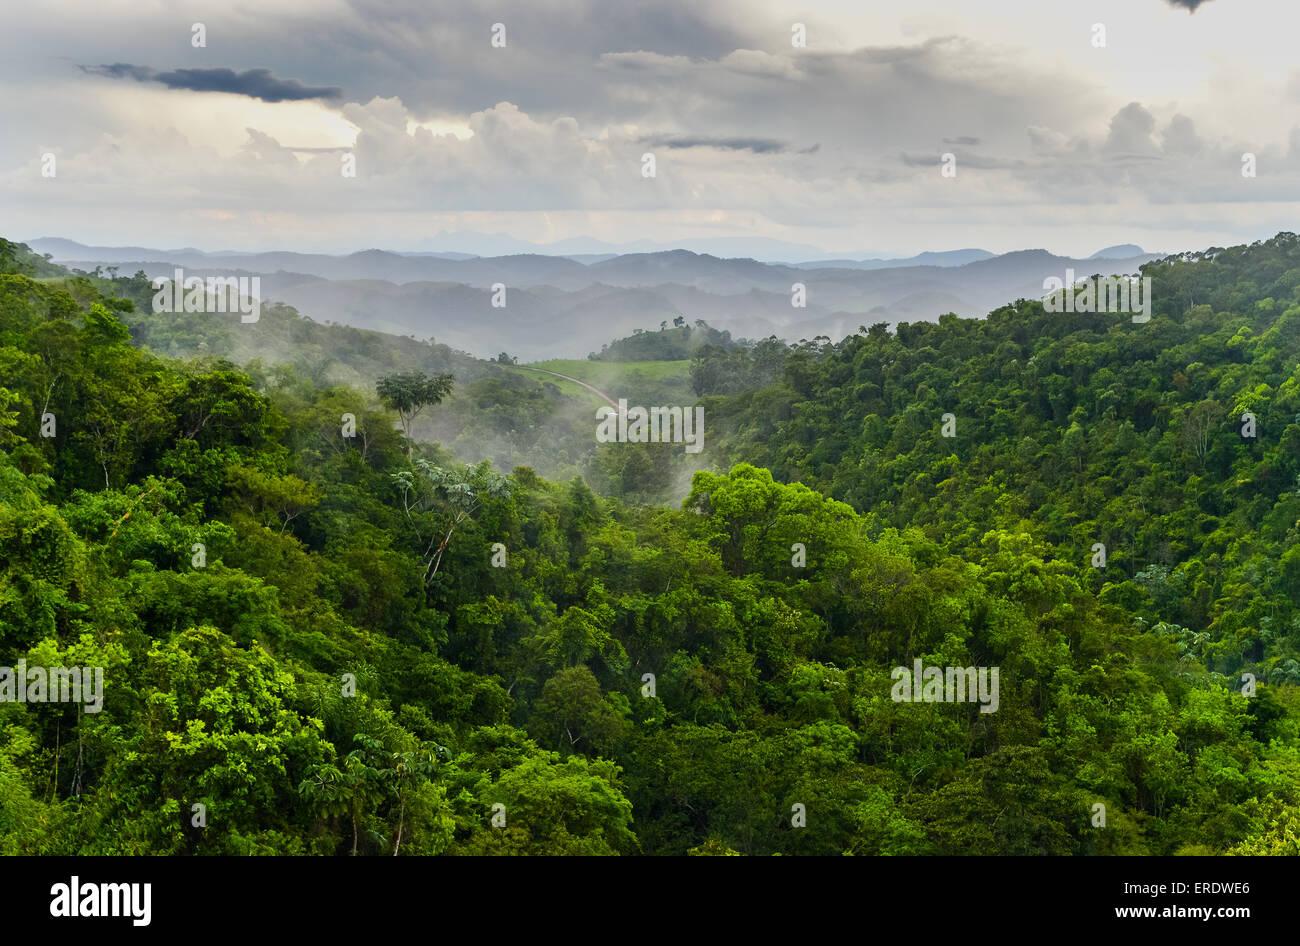 Atlantic Forest, Serra do Funil, Rio Preto, Minas Gerais, Brazil Stock Photo